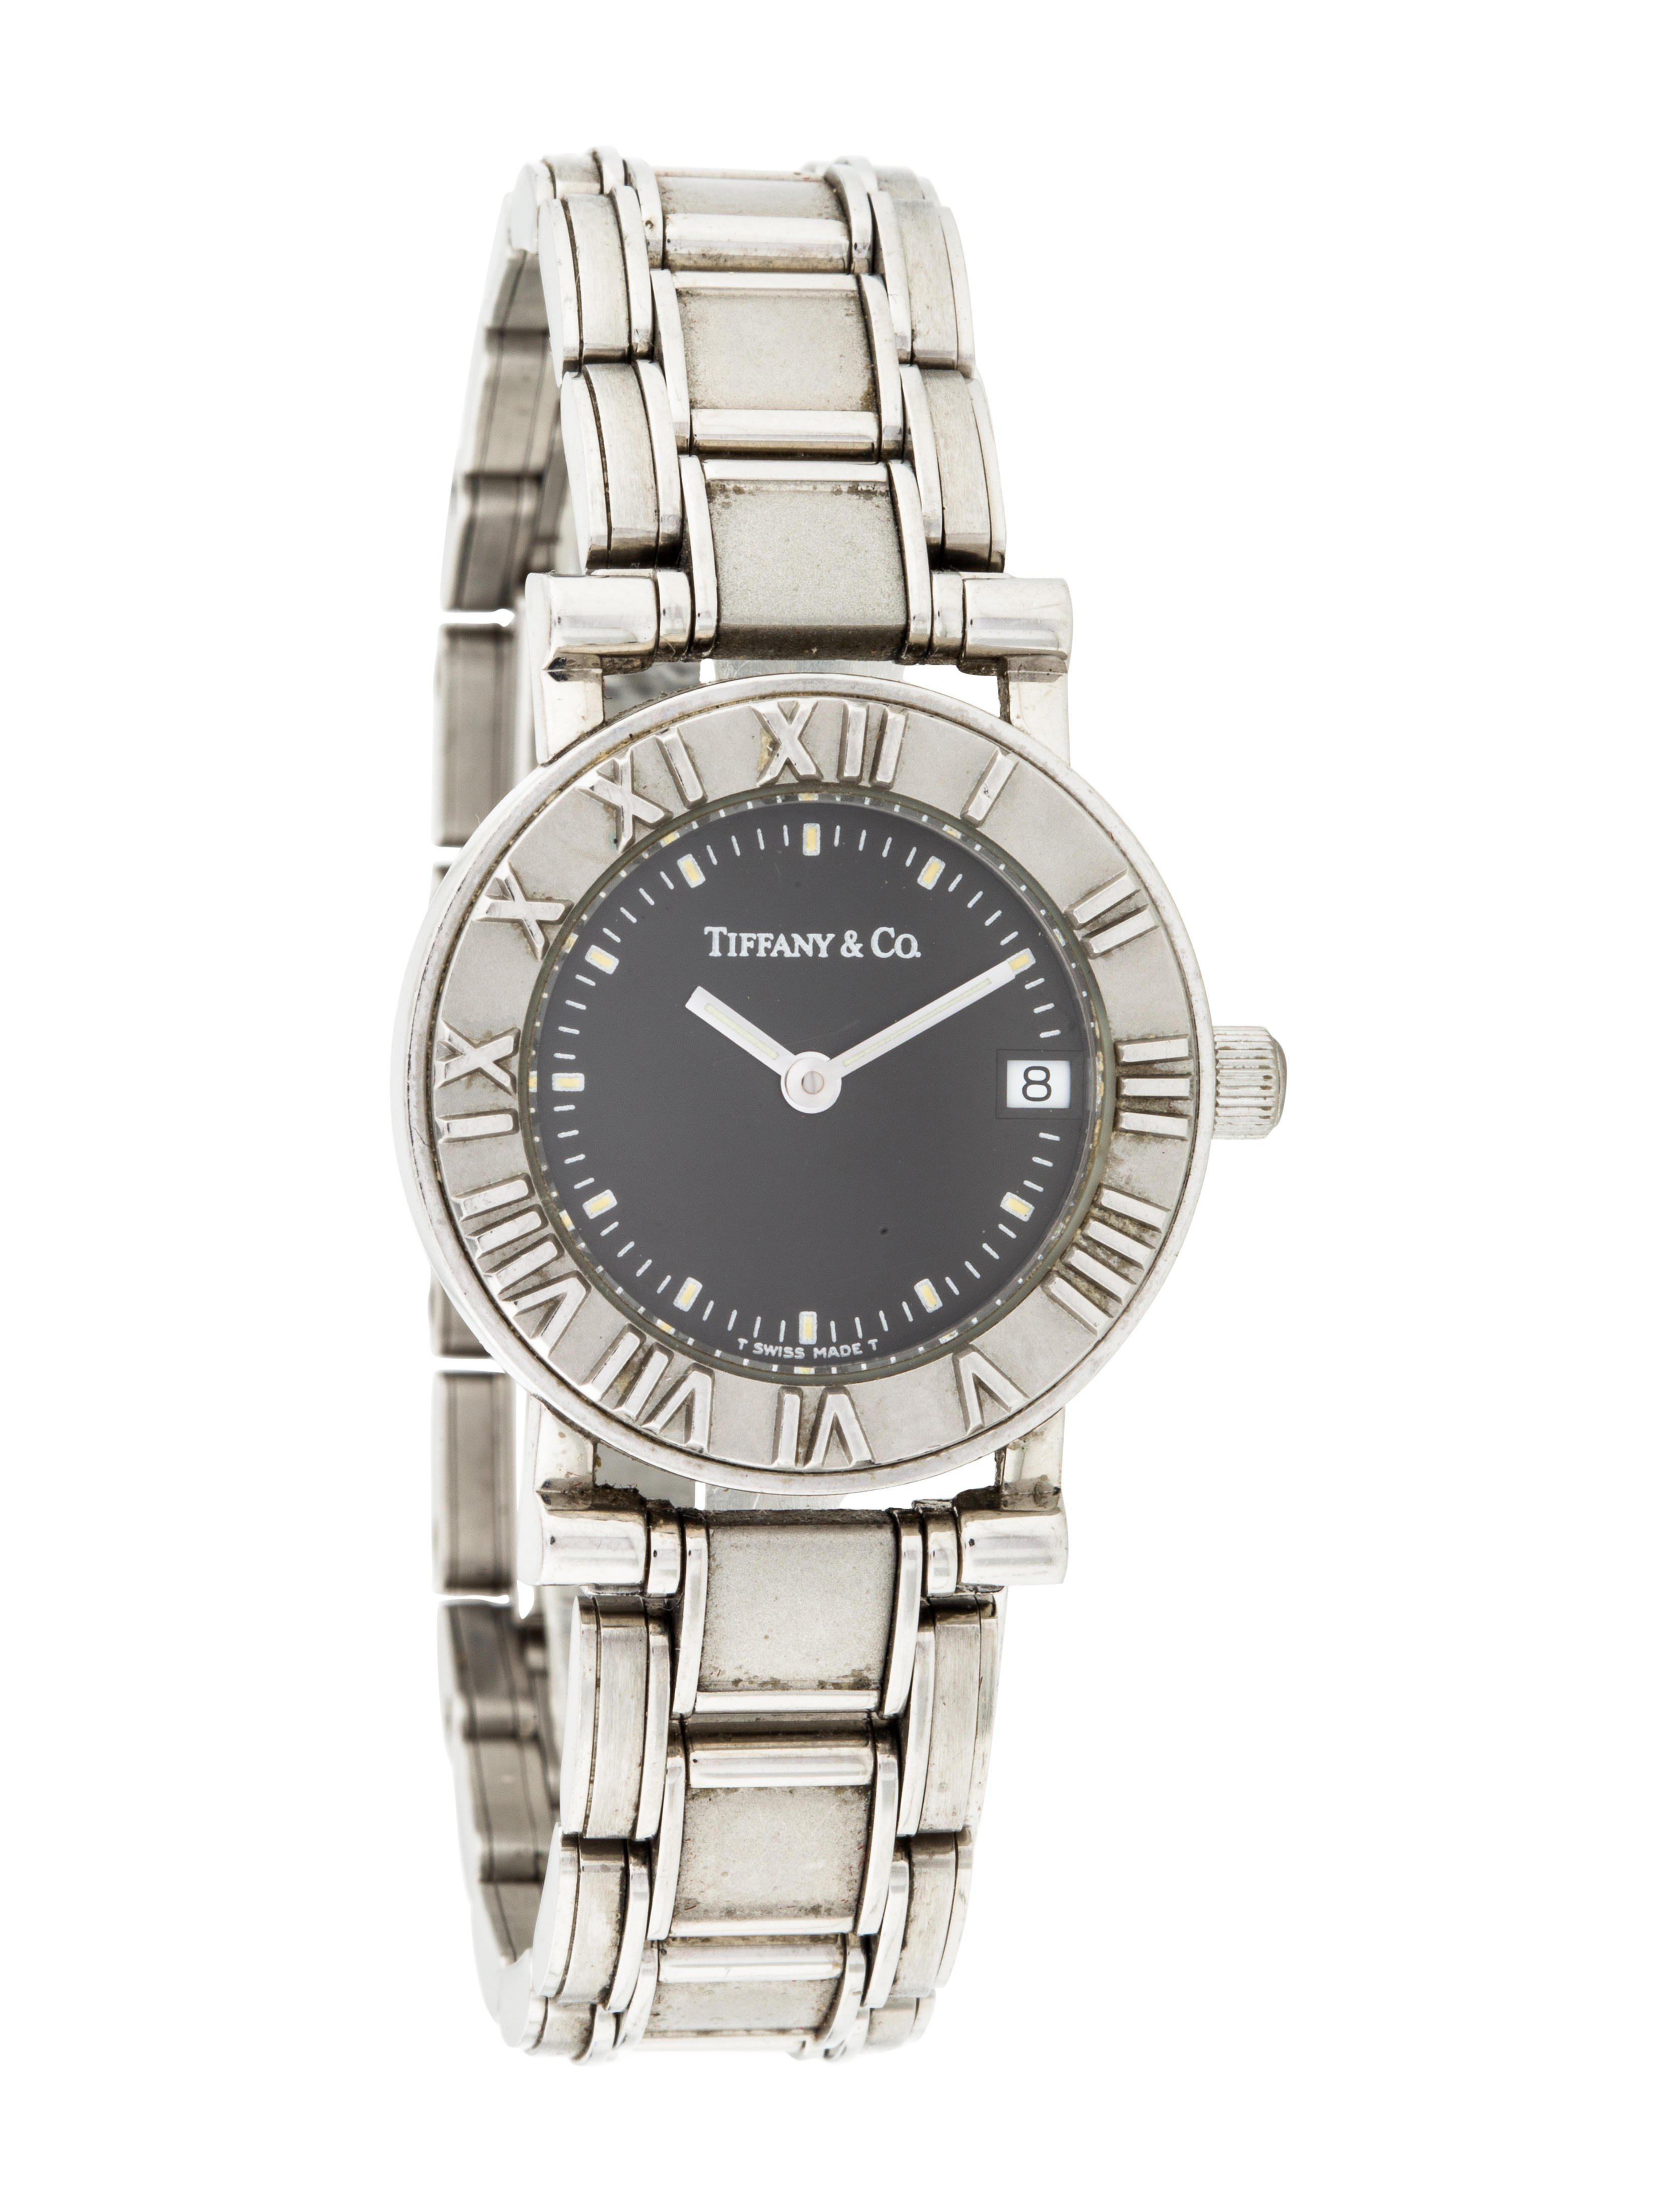 a24b71b2d7 Lyst - Tiffany   Co Atlas Watch Black in Metallic